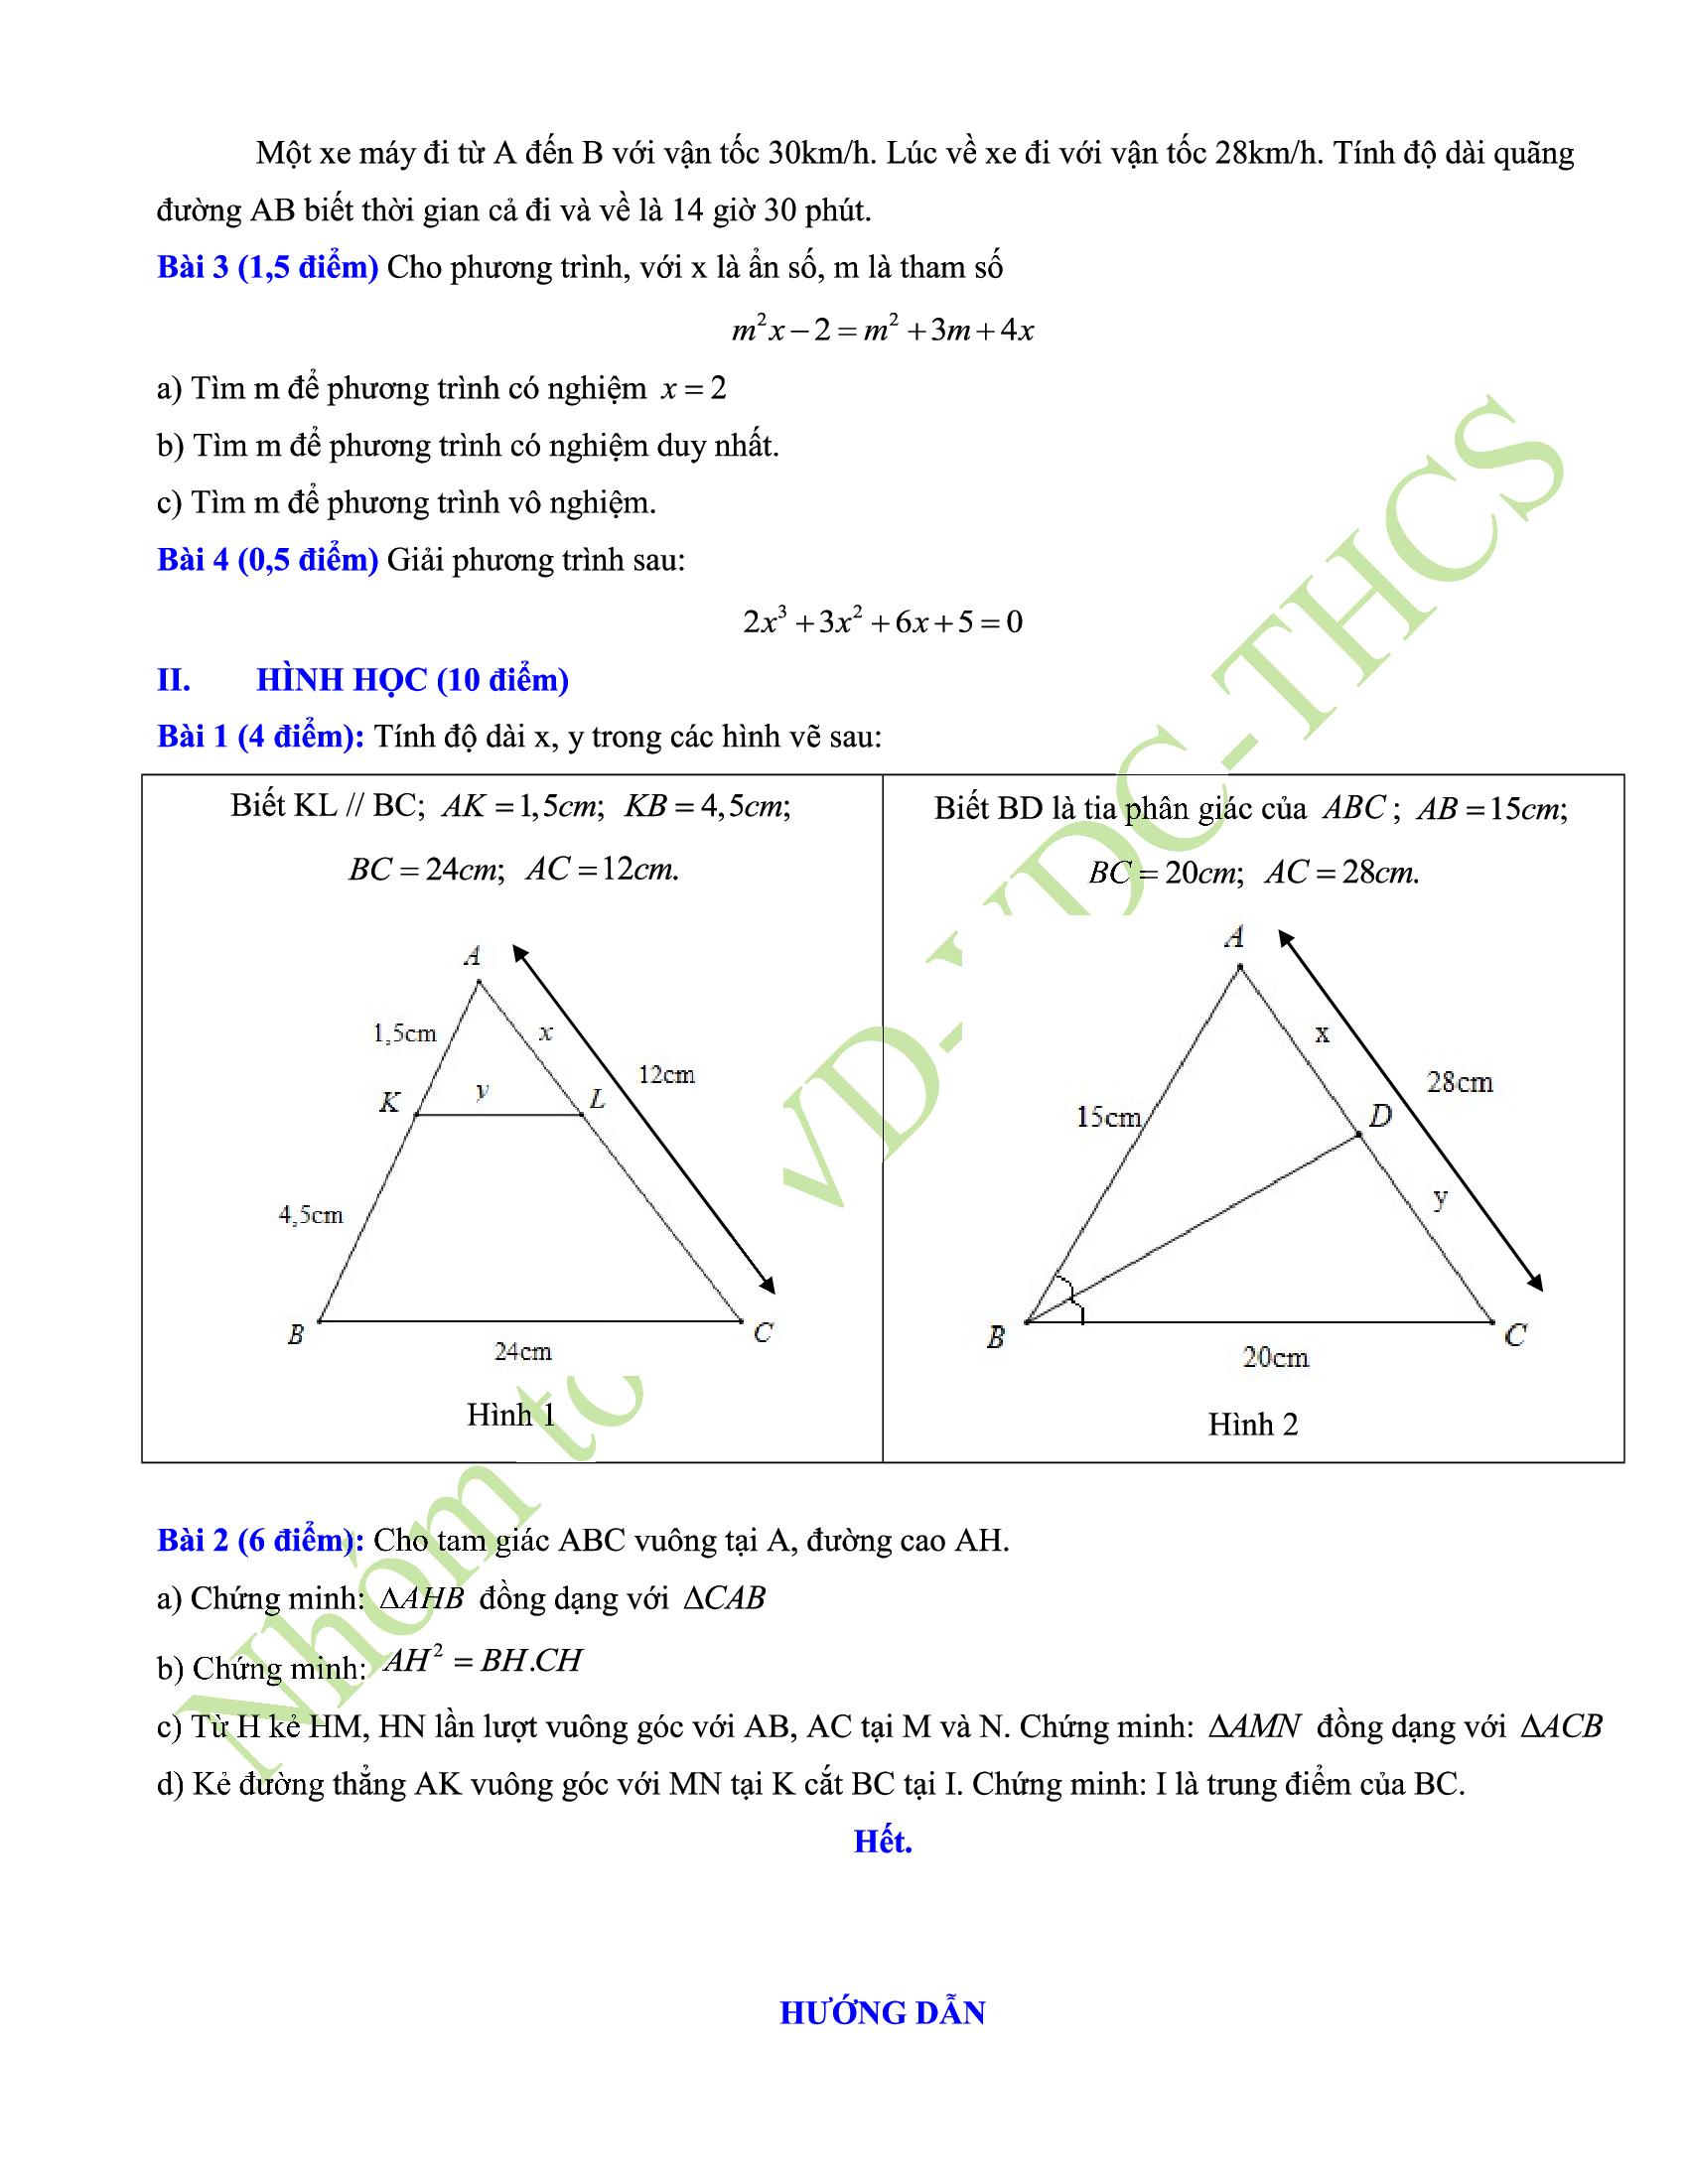 29+ đề thi giữa hk2 toán 8 hay nhất 2021 chi tiết